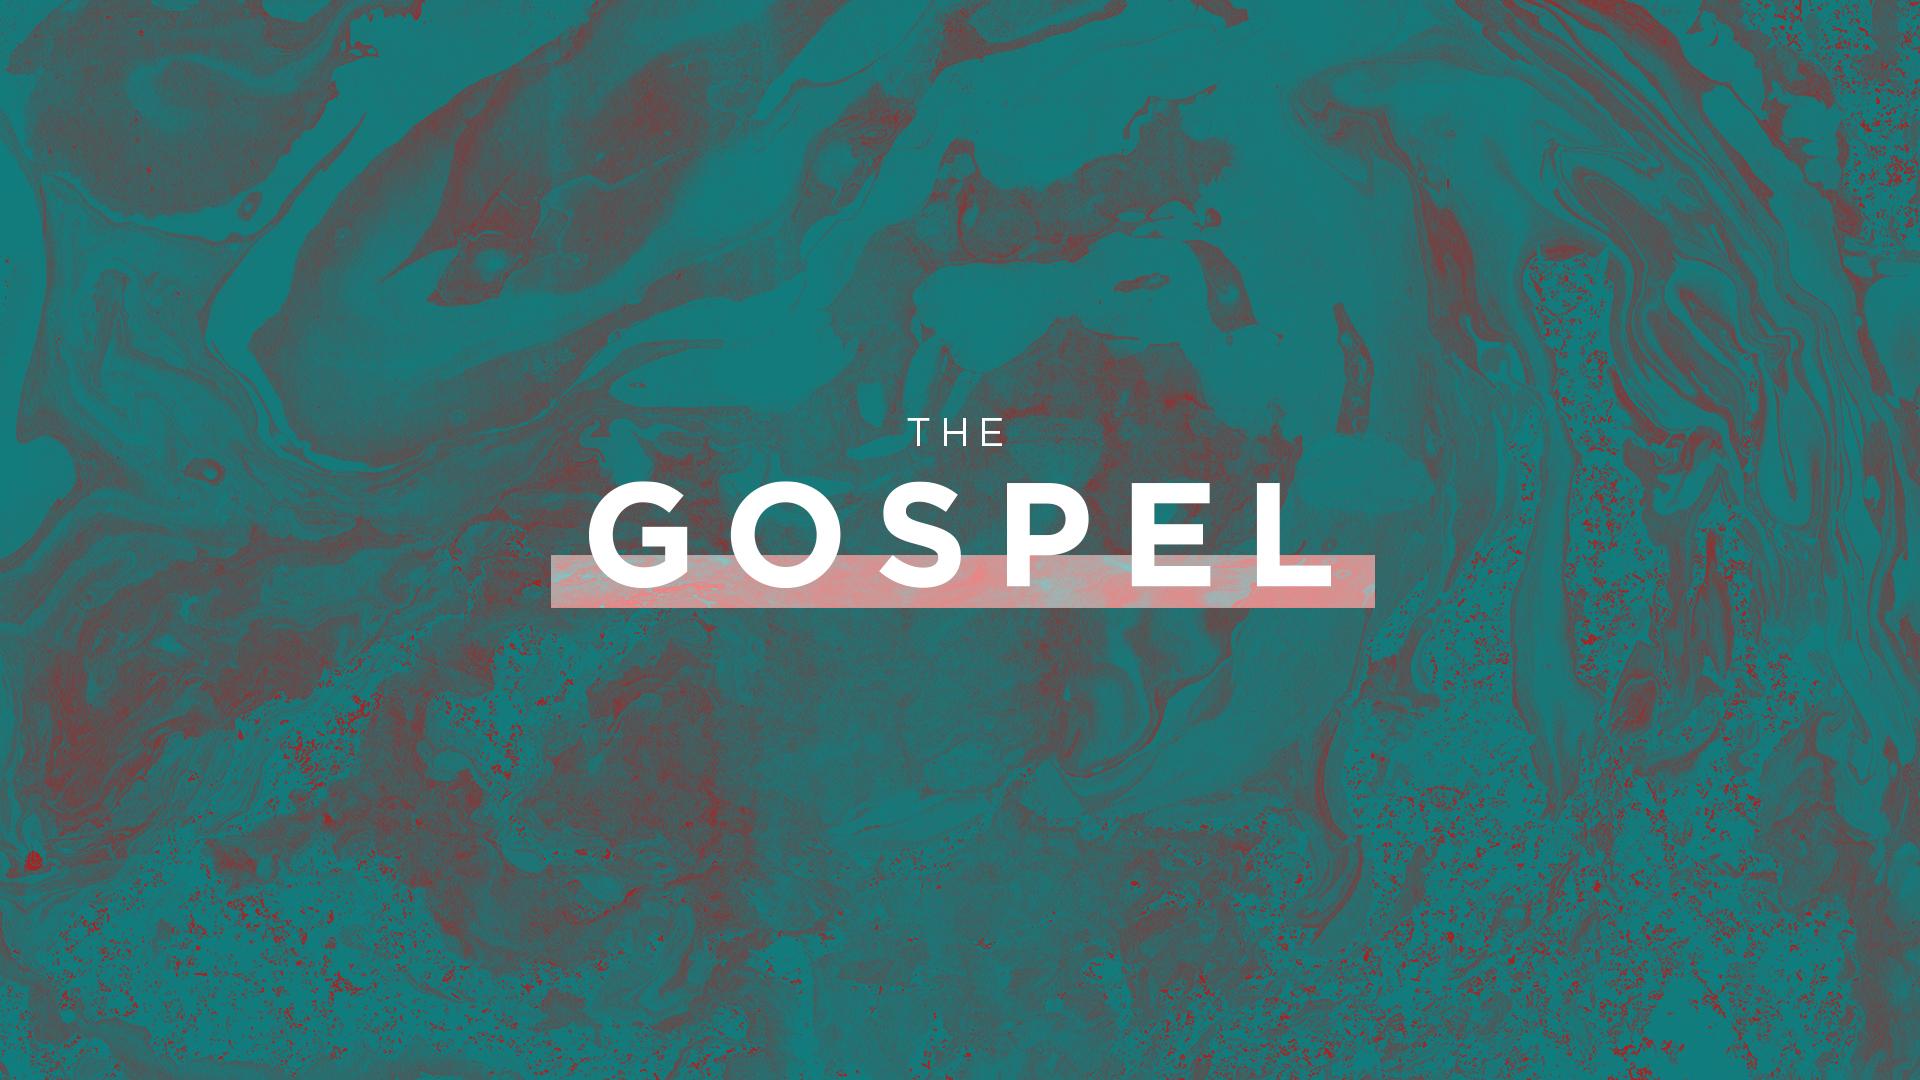 The Gospel Wide v2.jpg